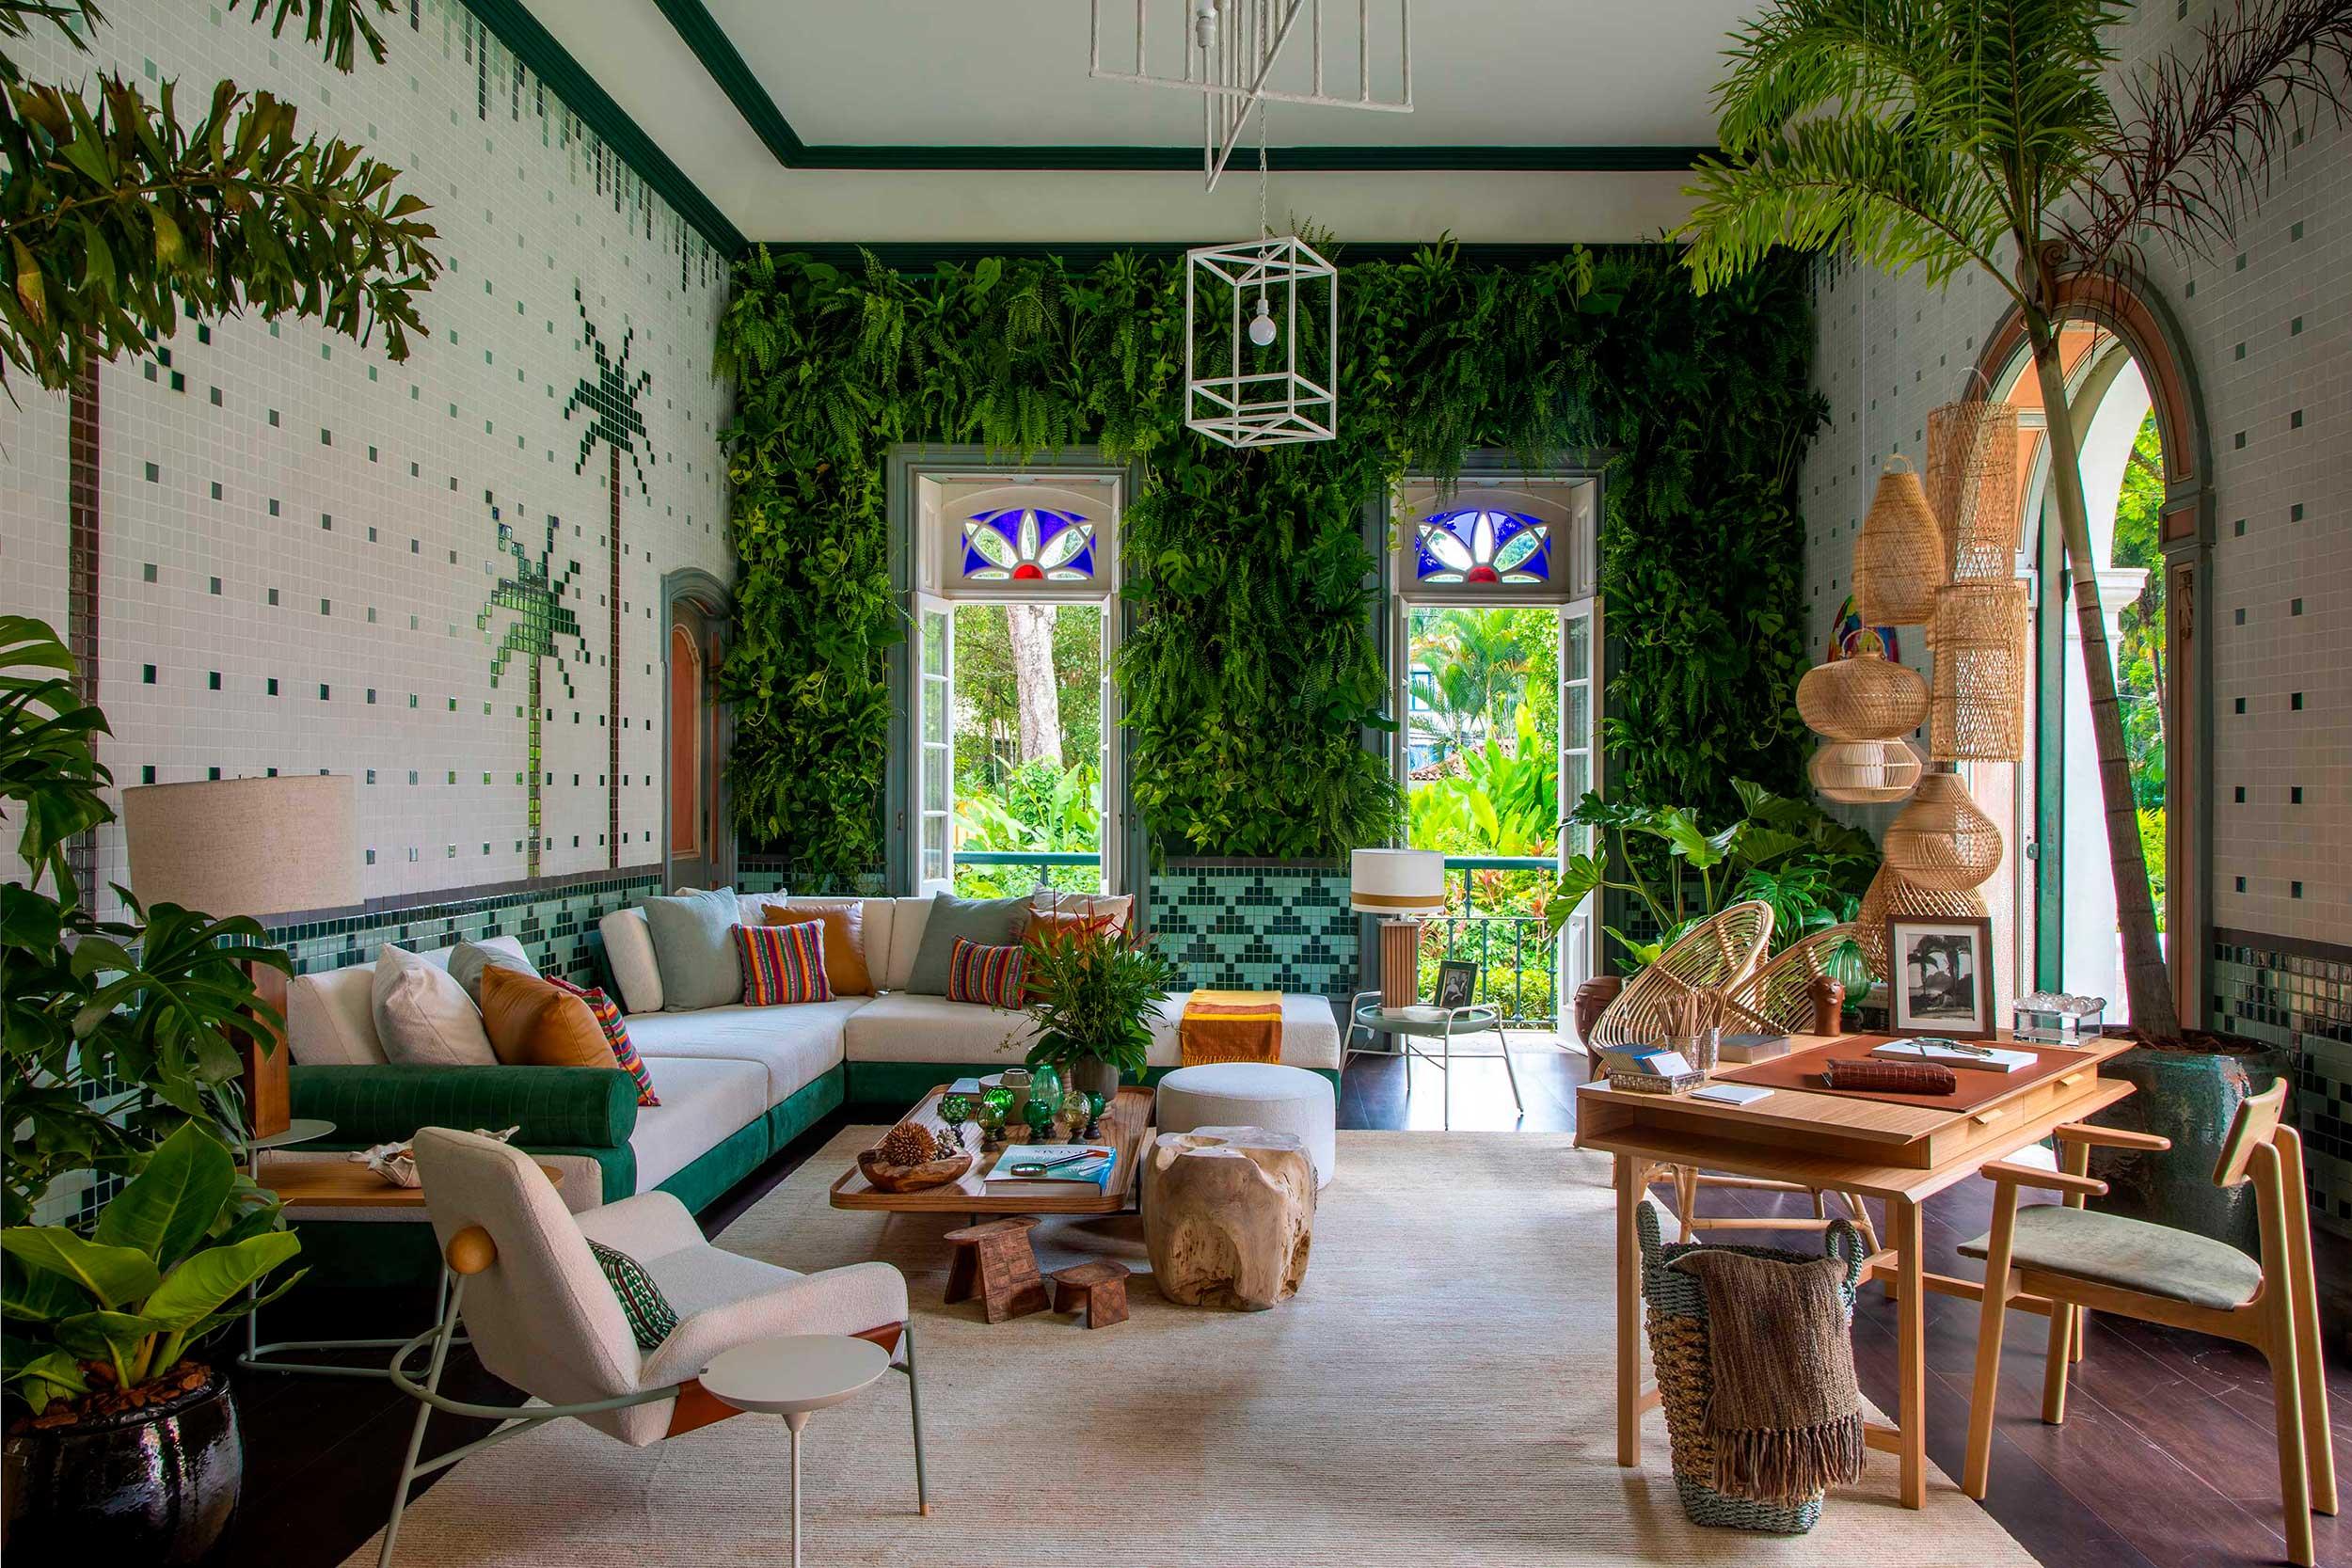 Jardim de inverno: projeto de Jean de Just para a CASACOR Rio de Janeiro 2021.